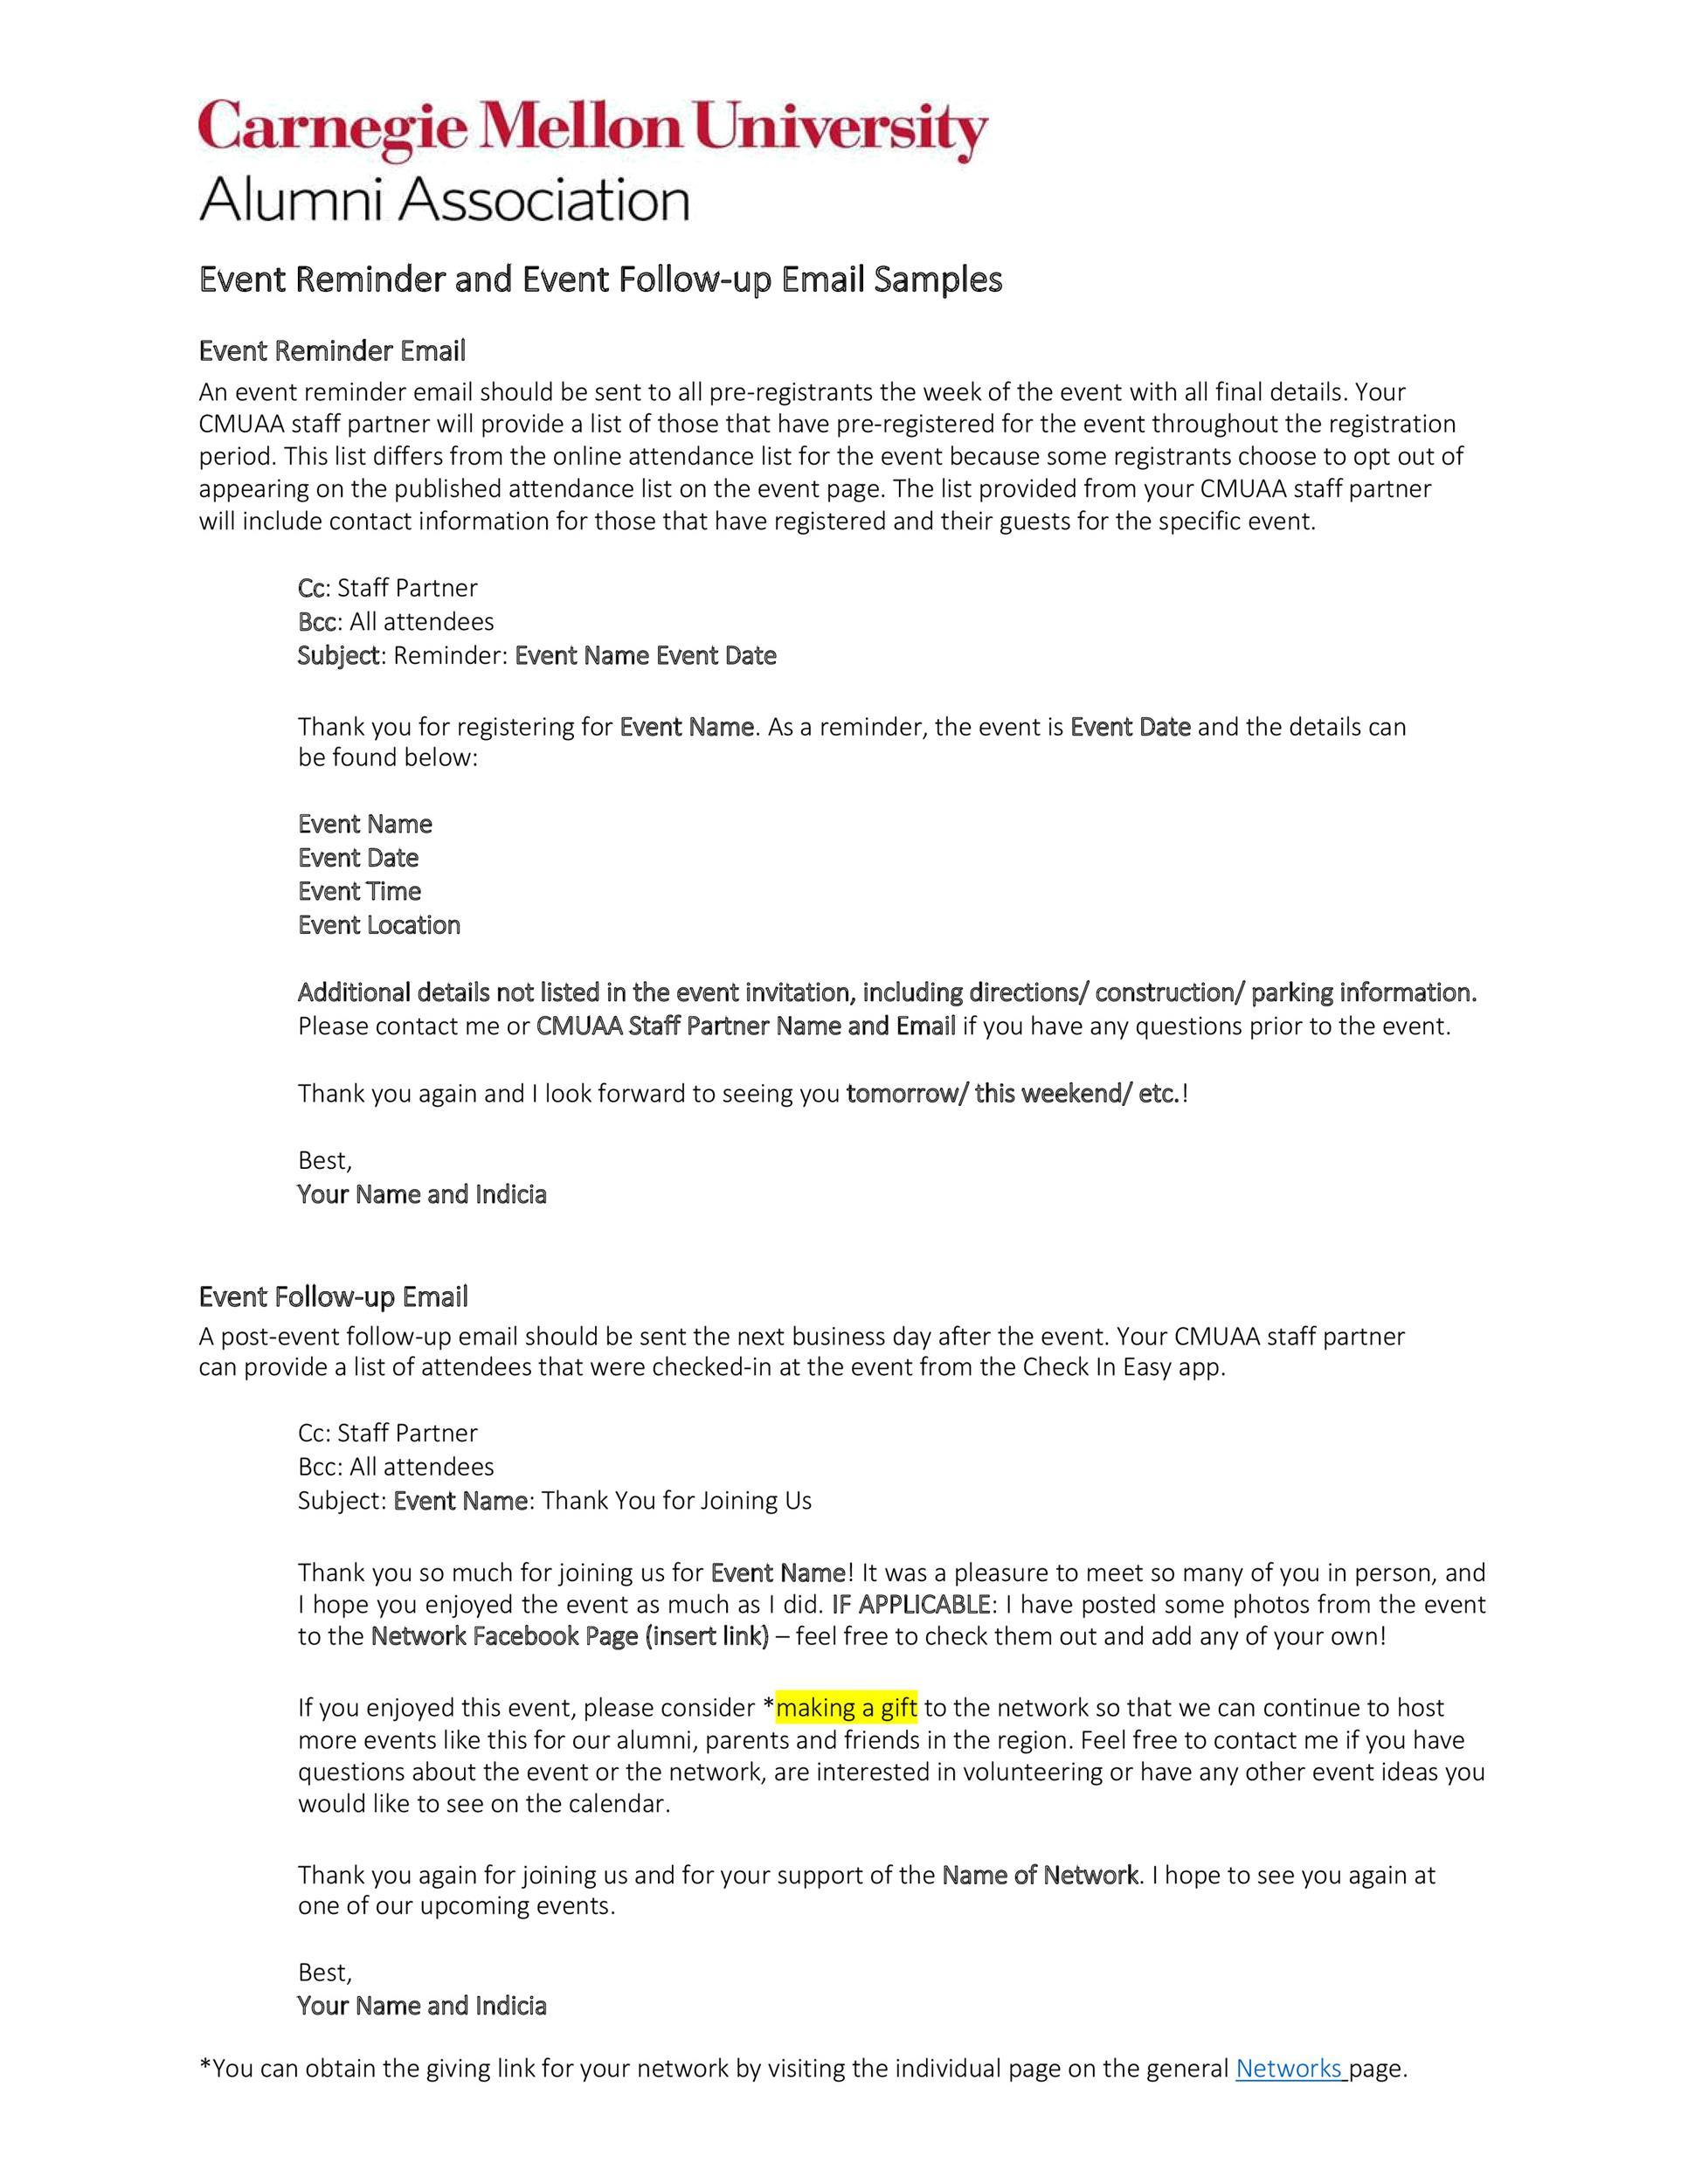 Free reminder email sample 10